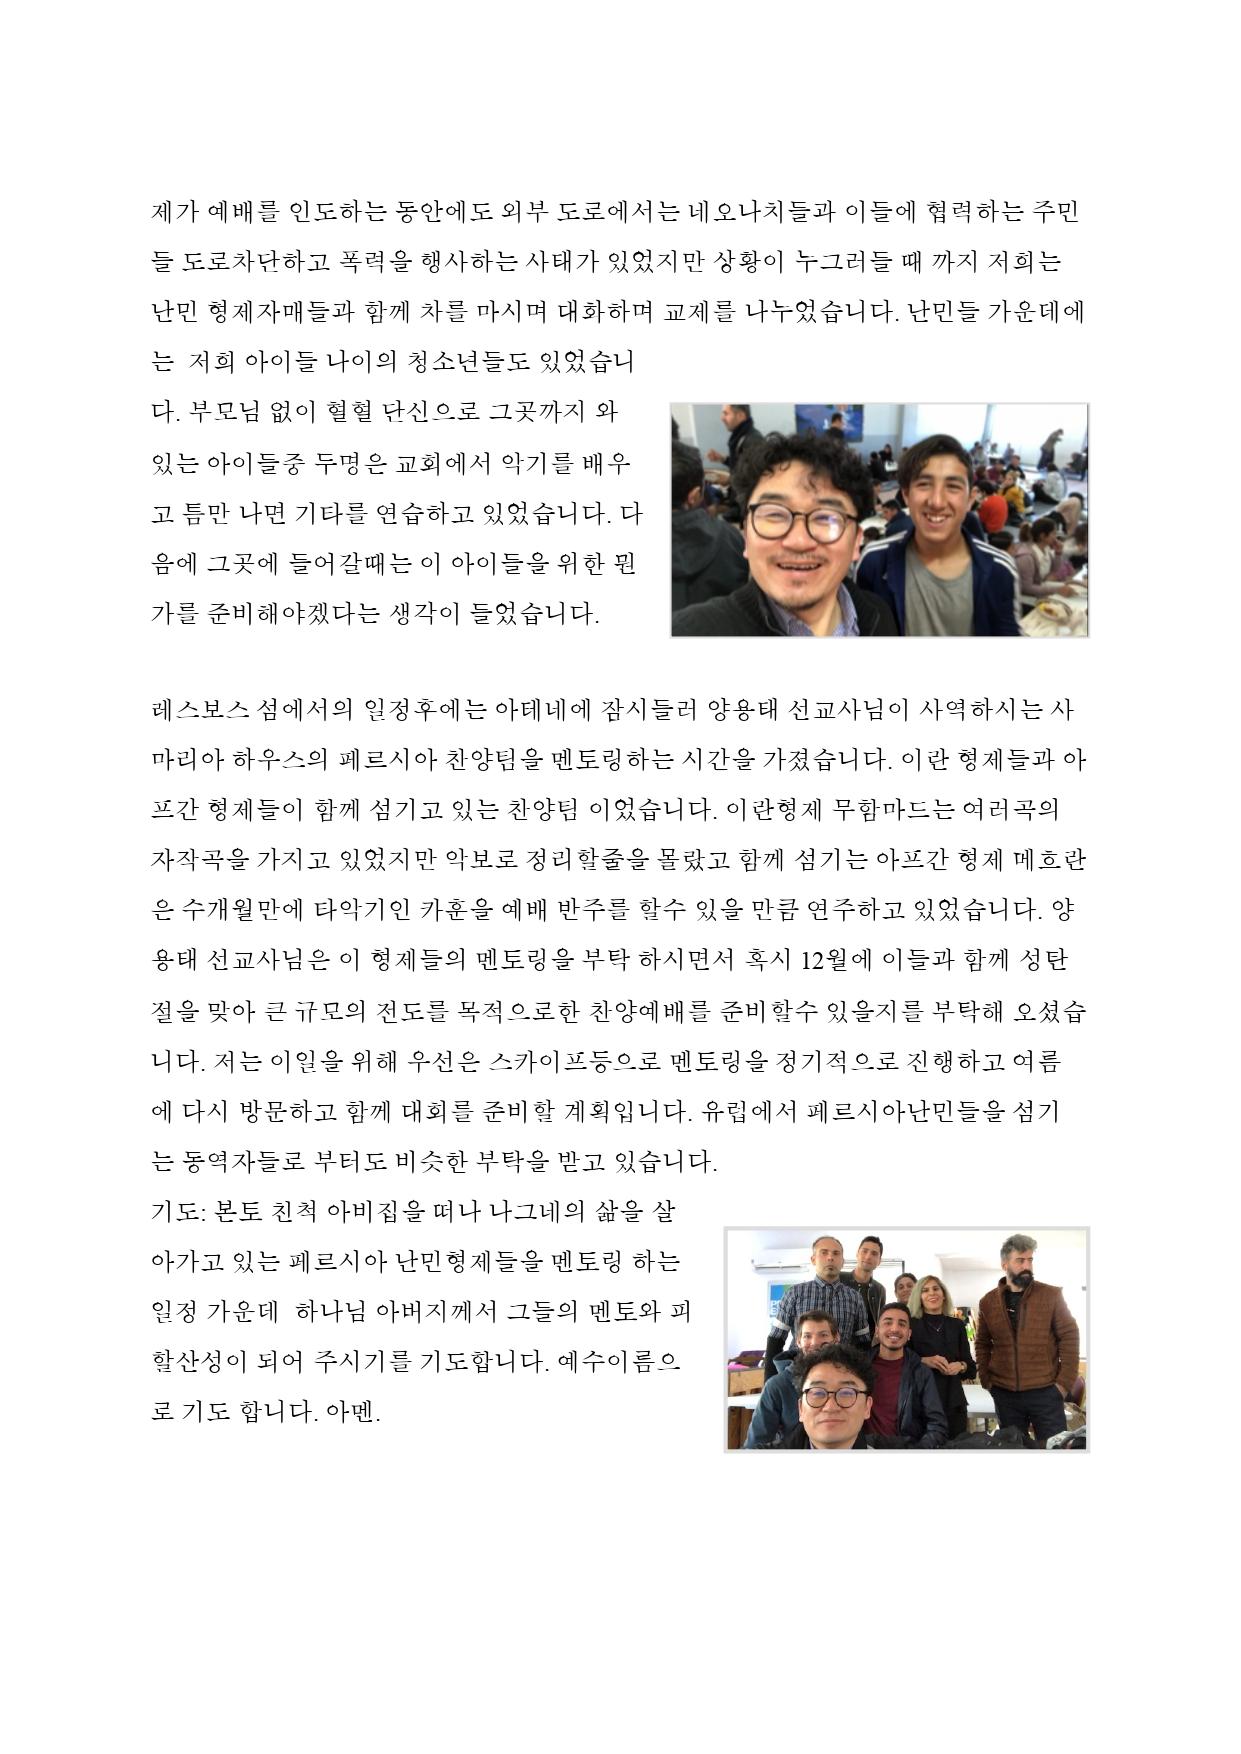 2020_03_기도편지_02_page_0006.jpg